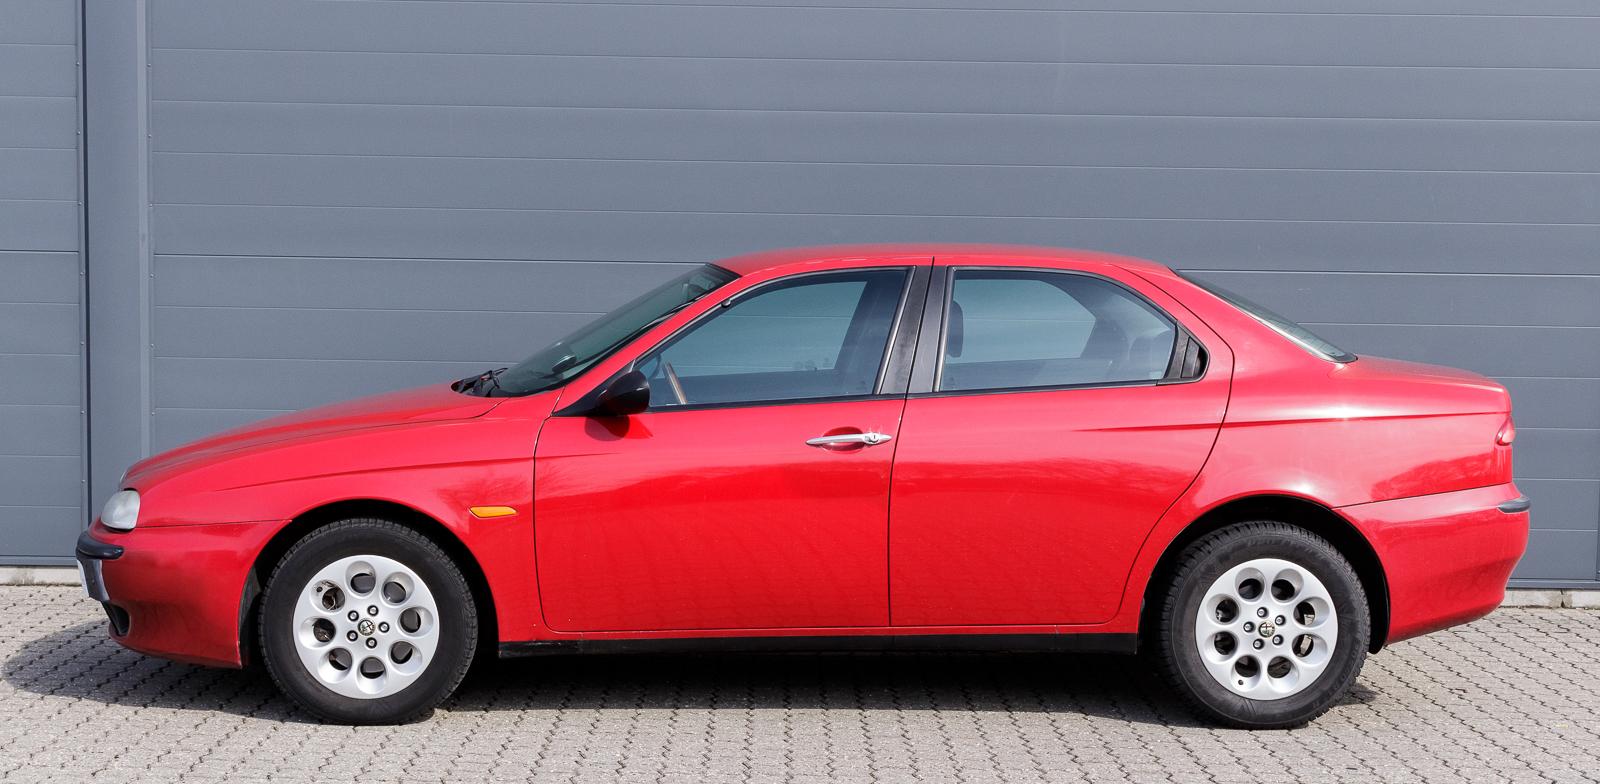 Alfa Romeo 156, 2,0 TS 16v årg. 1998 - Alfa Romeo 156, 2,0 TS 16v årg. 1998. Rødlakeret. km. stand 212.930. Velourkabine. Trærat. Pioneer radio. Frremstår velholdt. Seneste syn 21/03-2016. Med registreringsattest. To originalnøgler medfølger. Uden nummerplader